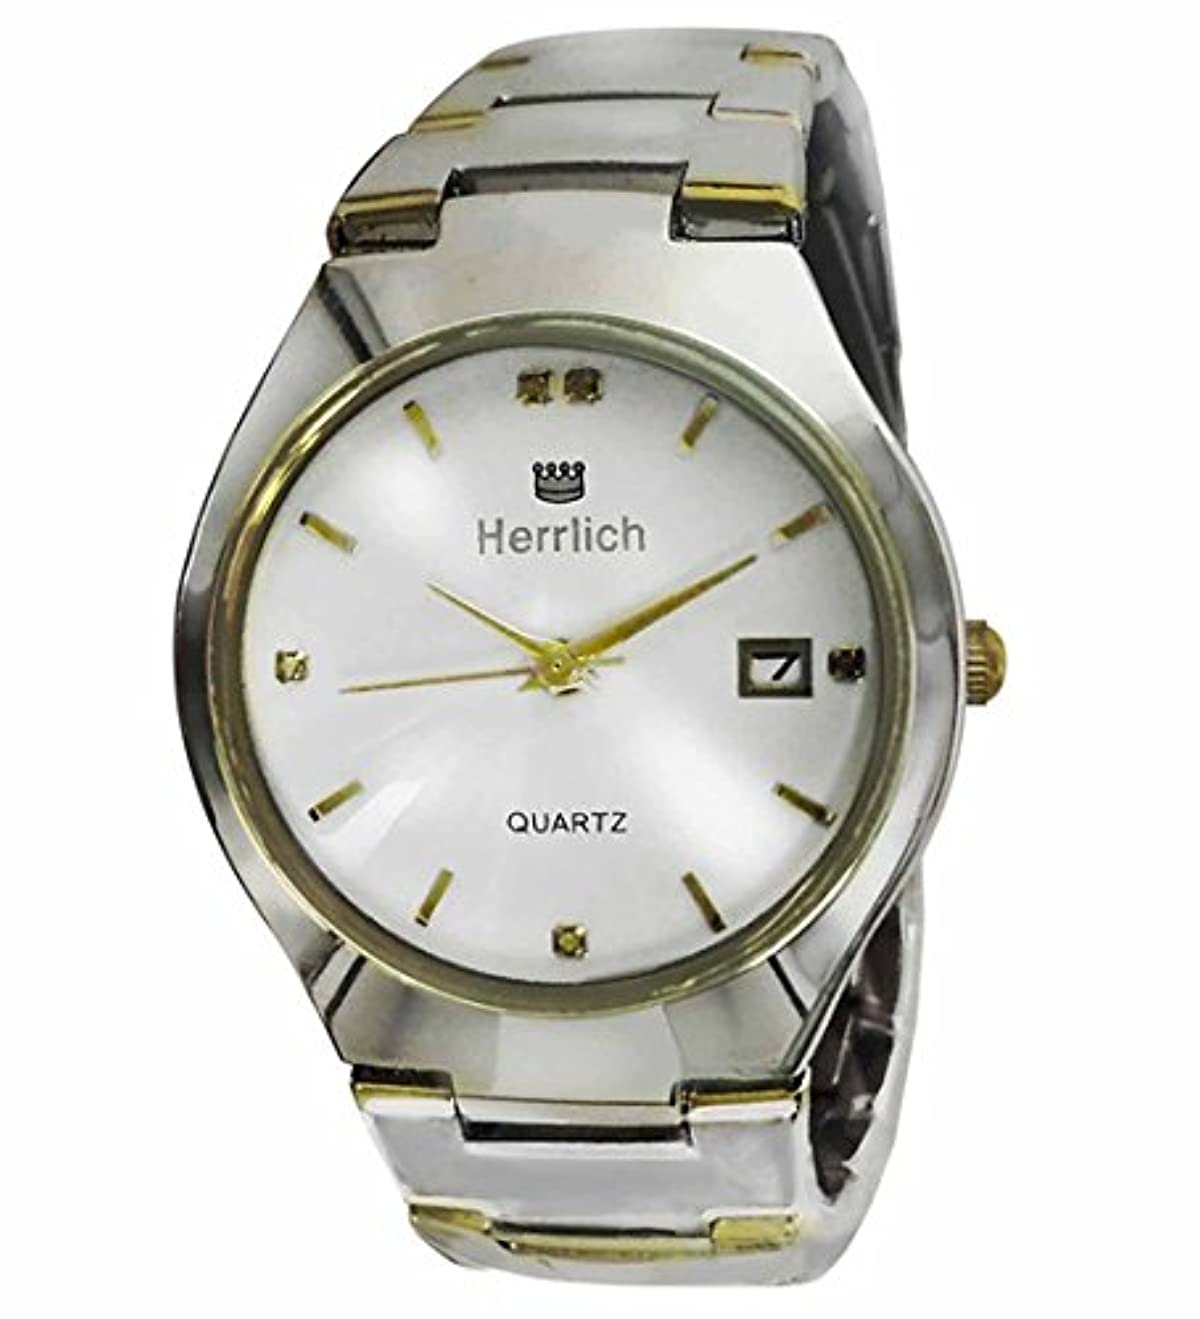 のど松から聞くHerrlich 天然ダイヤモンド5石使用 ブリリアントカット高級腕時計 ホワイト